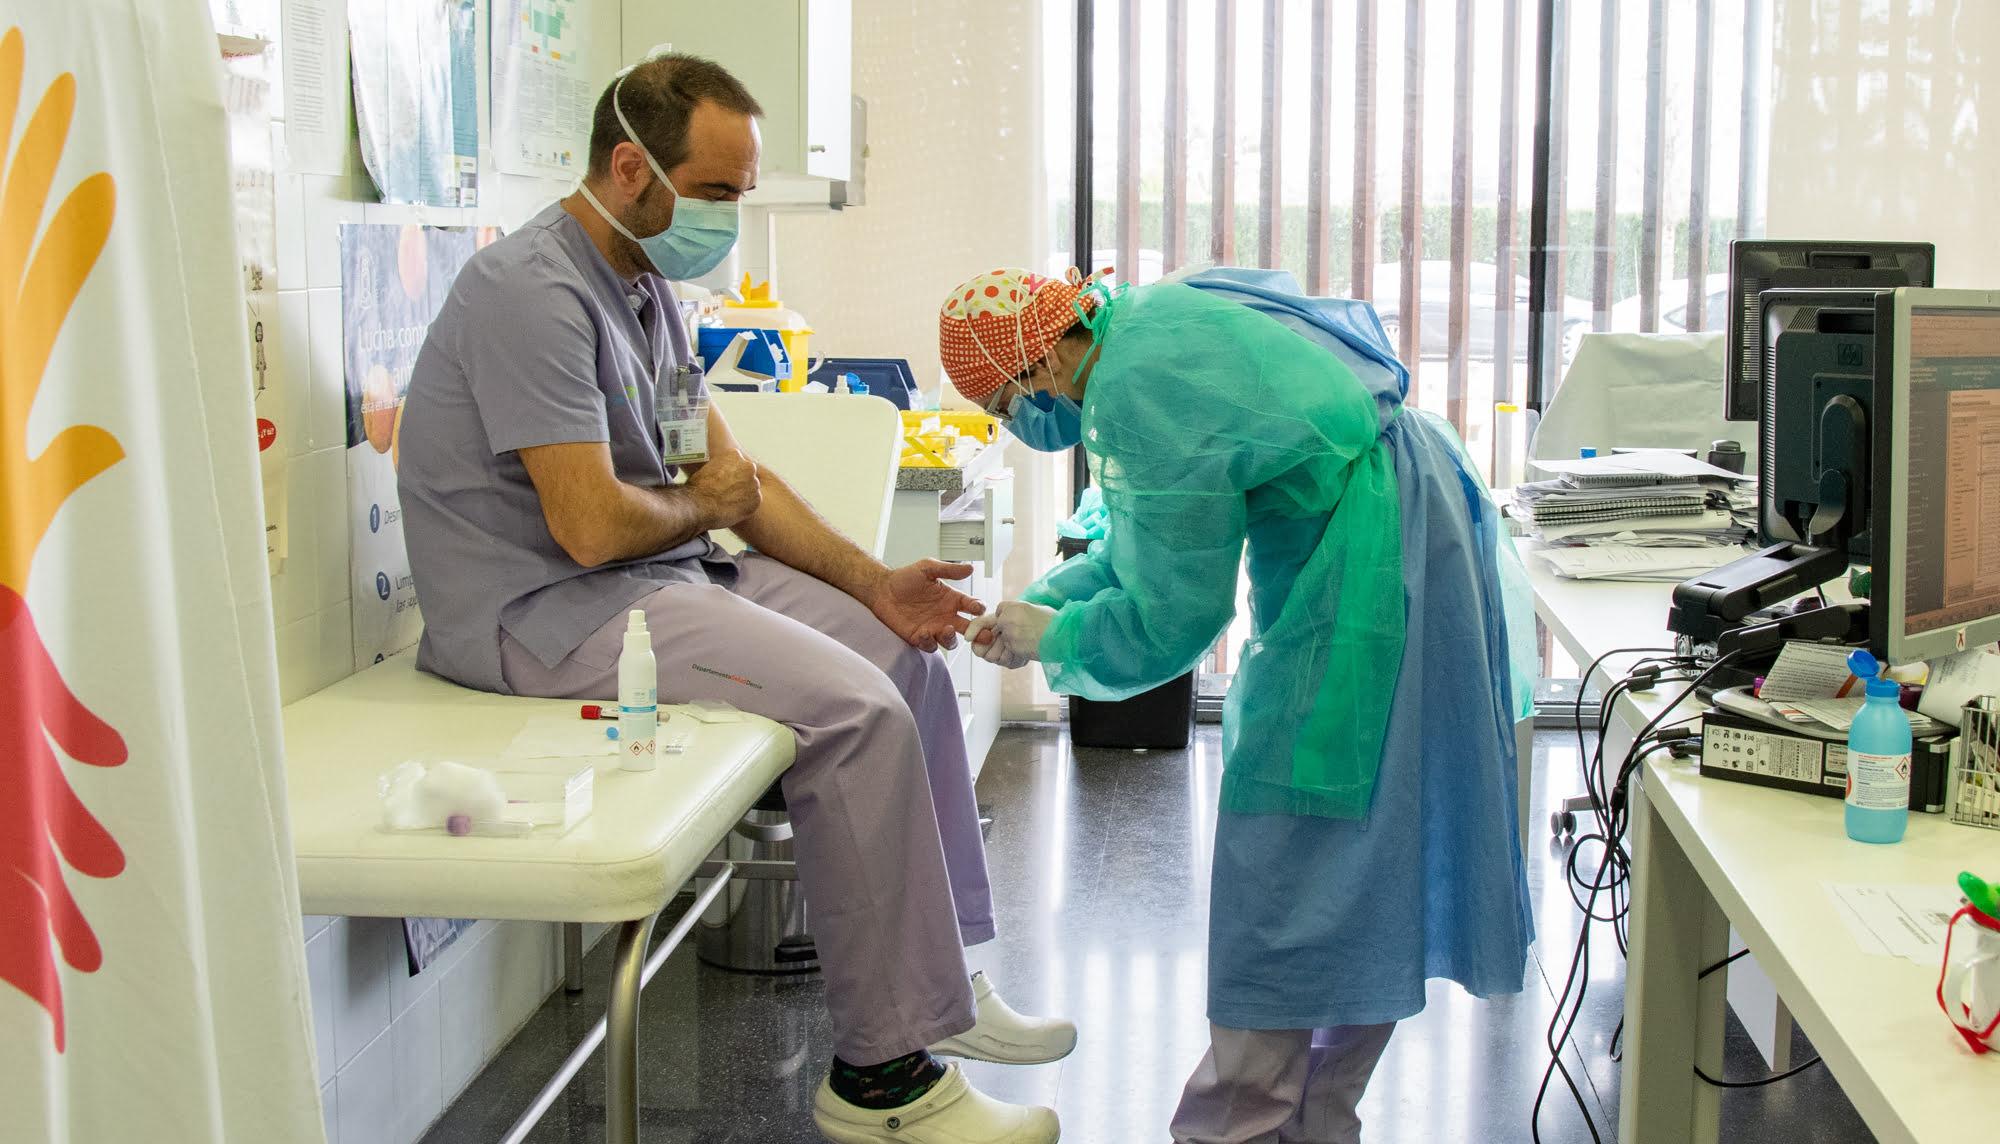 Los trabajadores del hospital se protegen ante el coronavirus